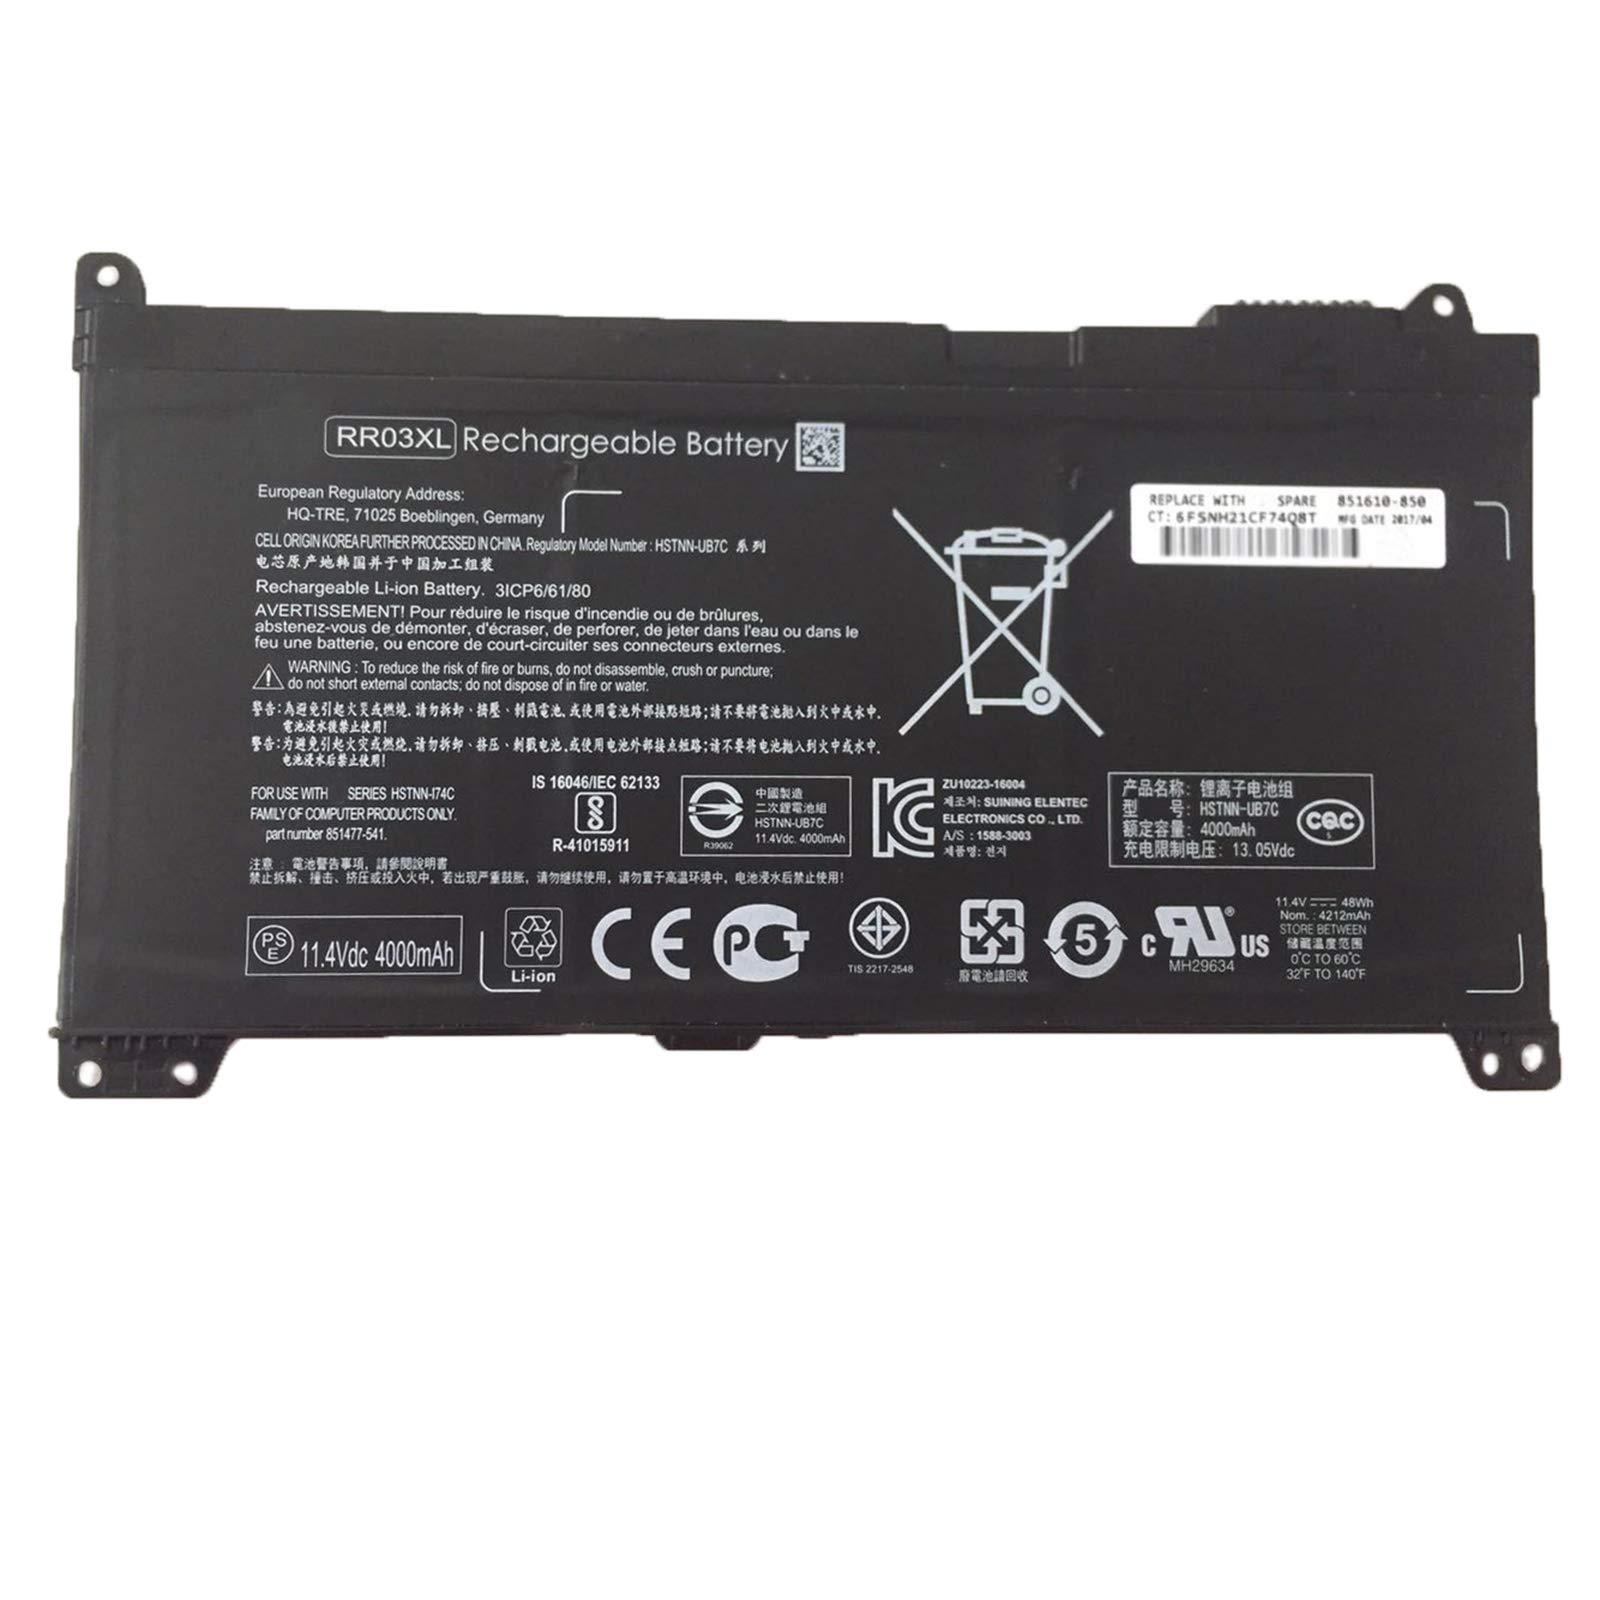 Bateria RR03XL 851610-850 para HP ProBook 430 440 450 455 47